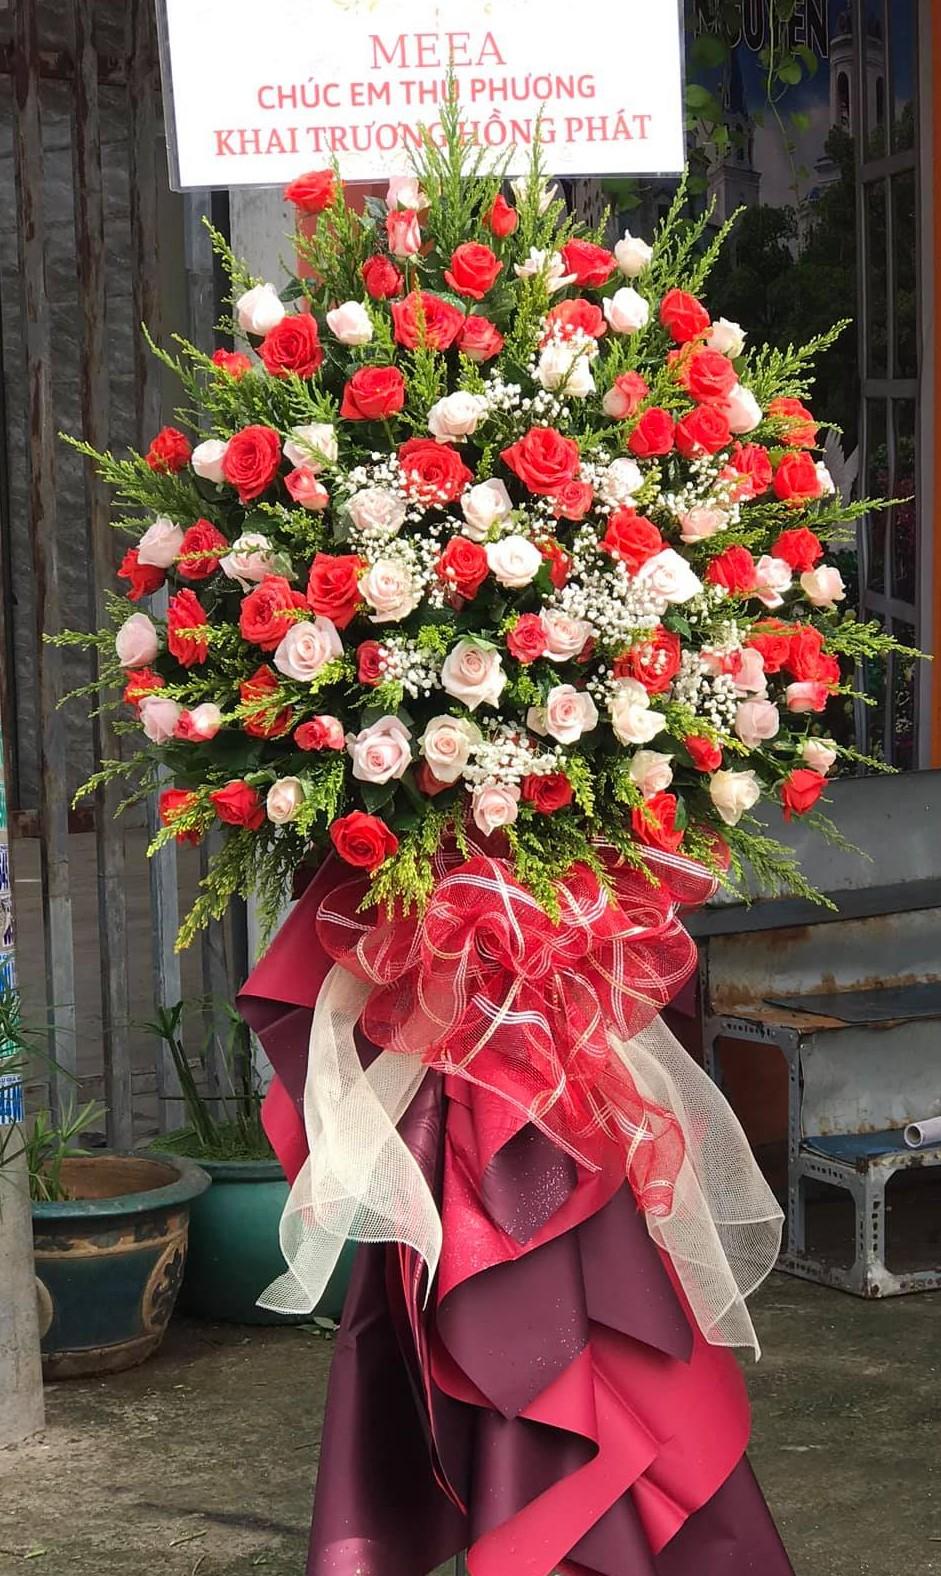 Cửa hàng hoa tươi ở Vũng Tàu